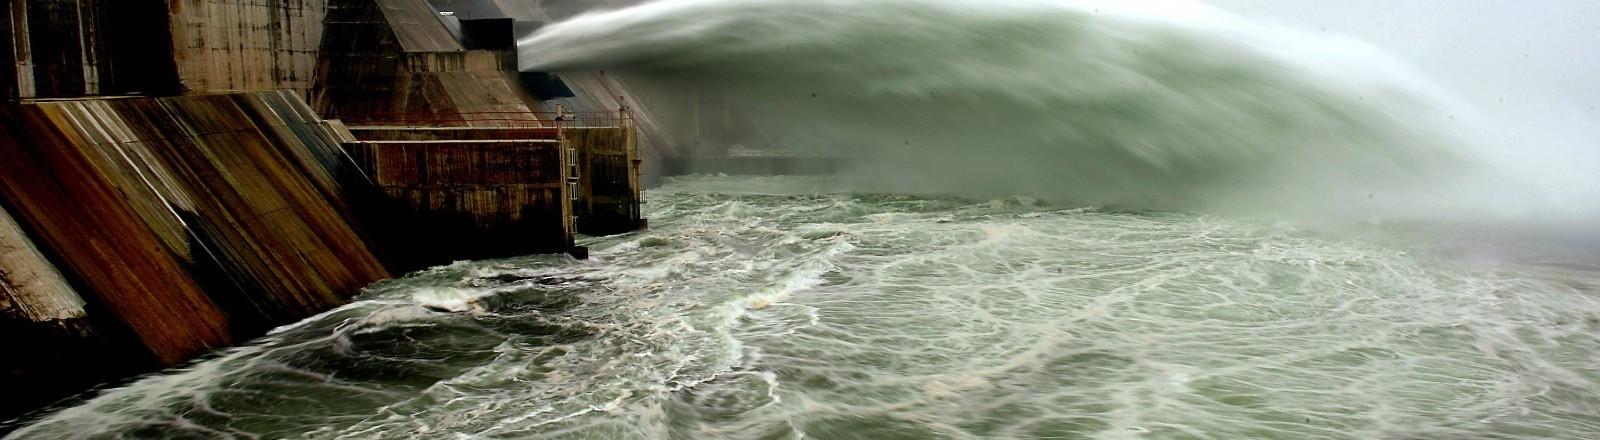 Ein Staudamm in China im Xiaolangdi Reservoir